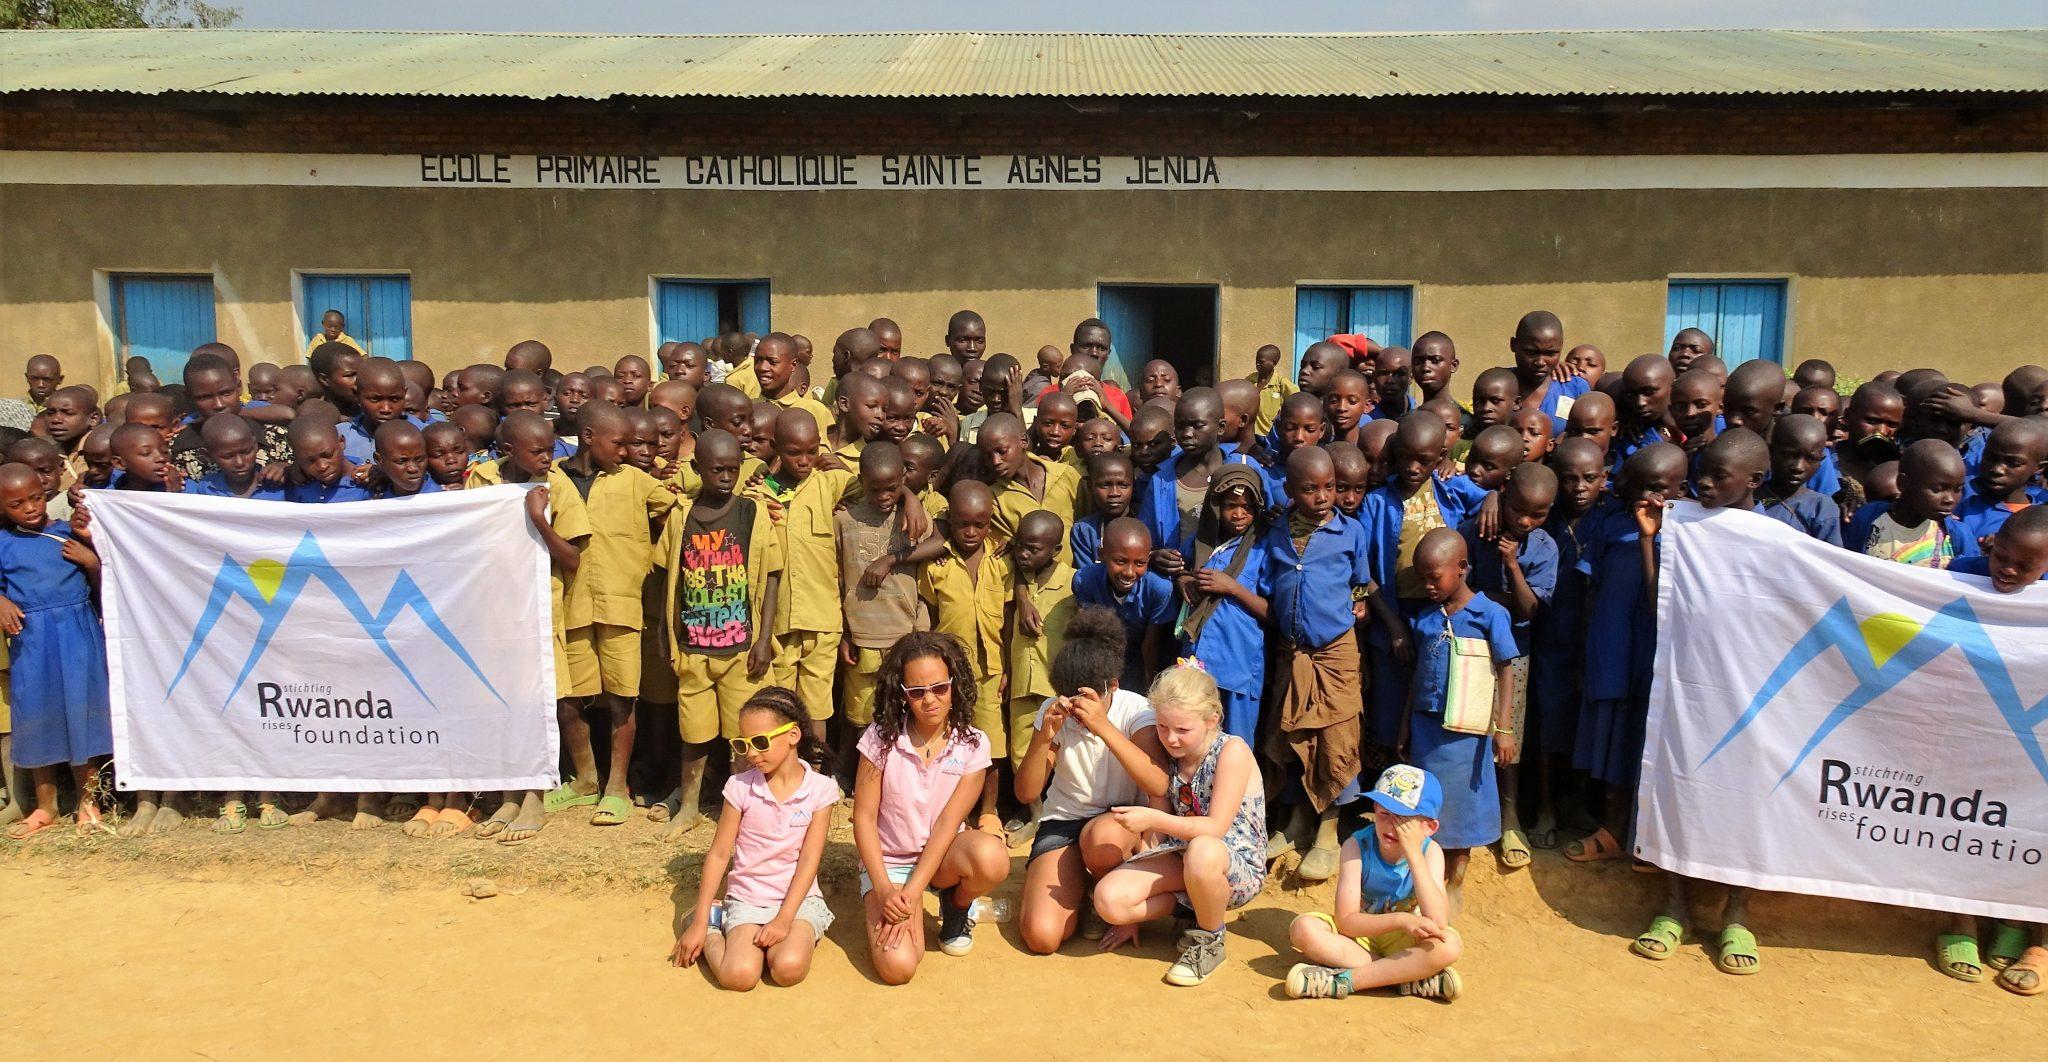 Rwanda Rises Foundation - Rwanda